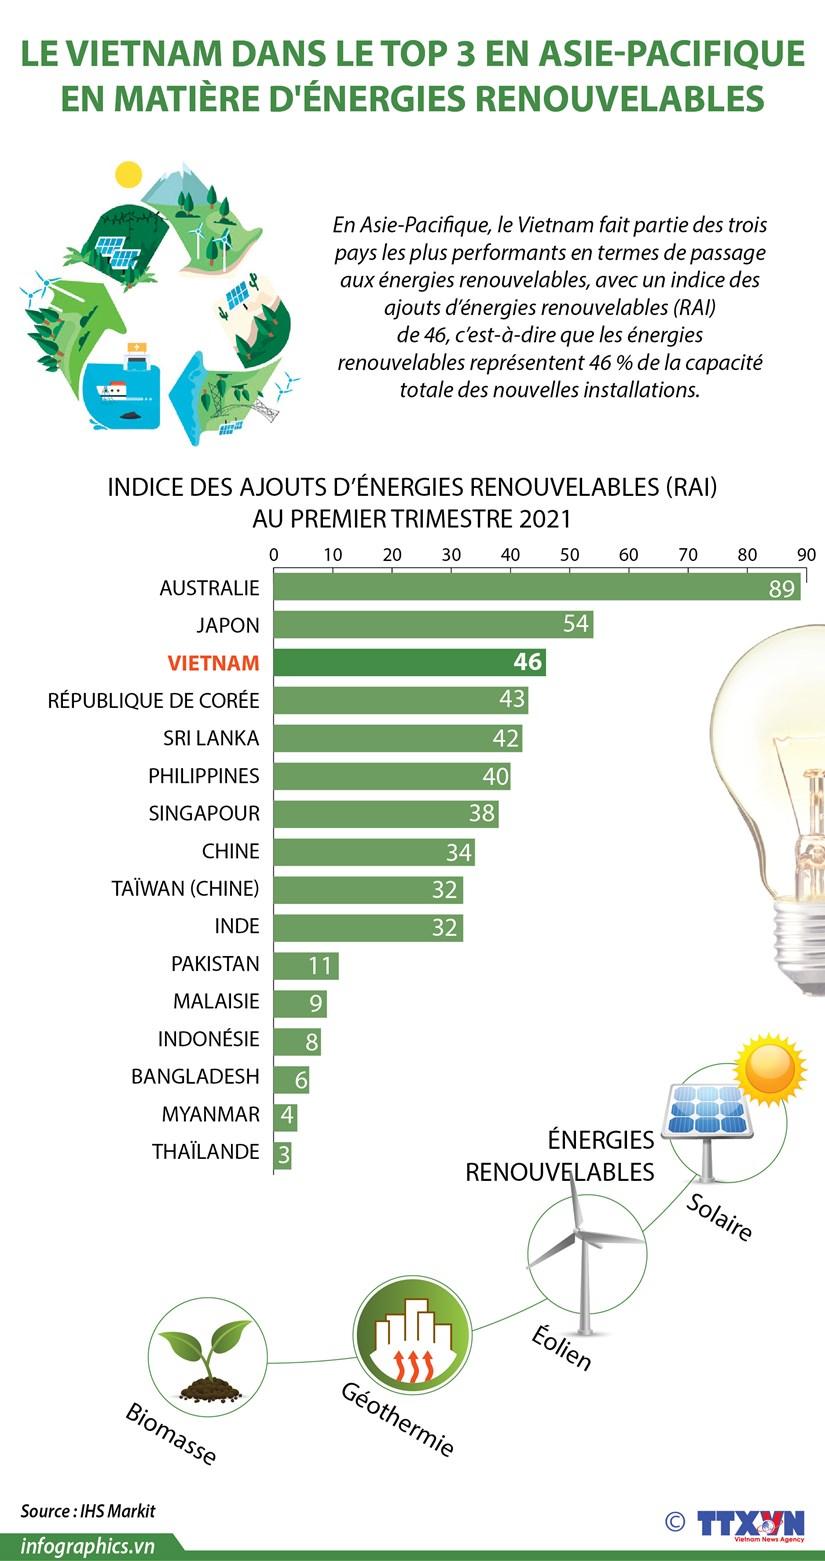 Le Vietnam dans le top 3 en Asie-Pacifique en matiere d'energies renouvelables hinh anh 1